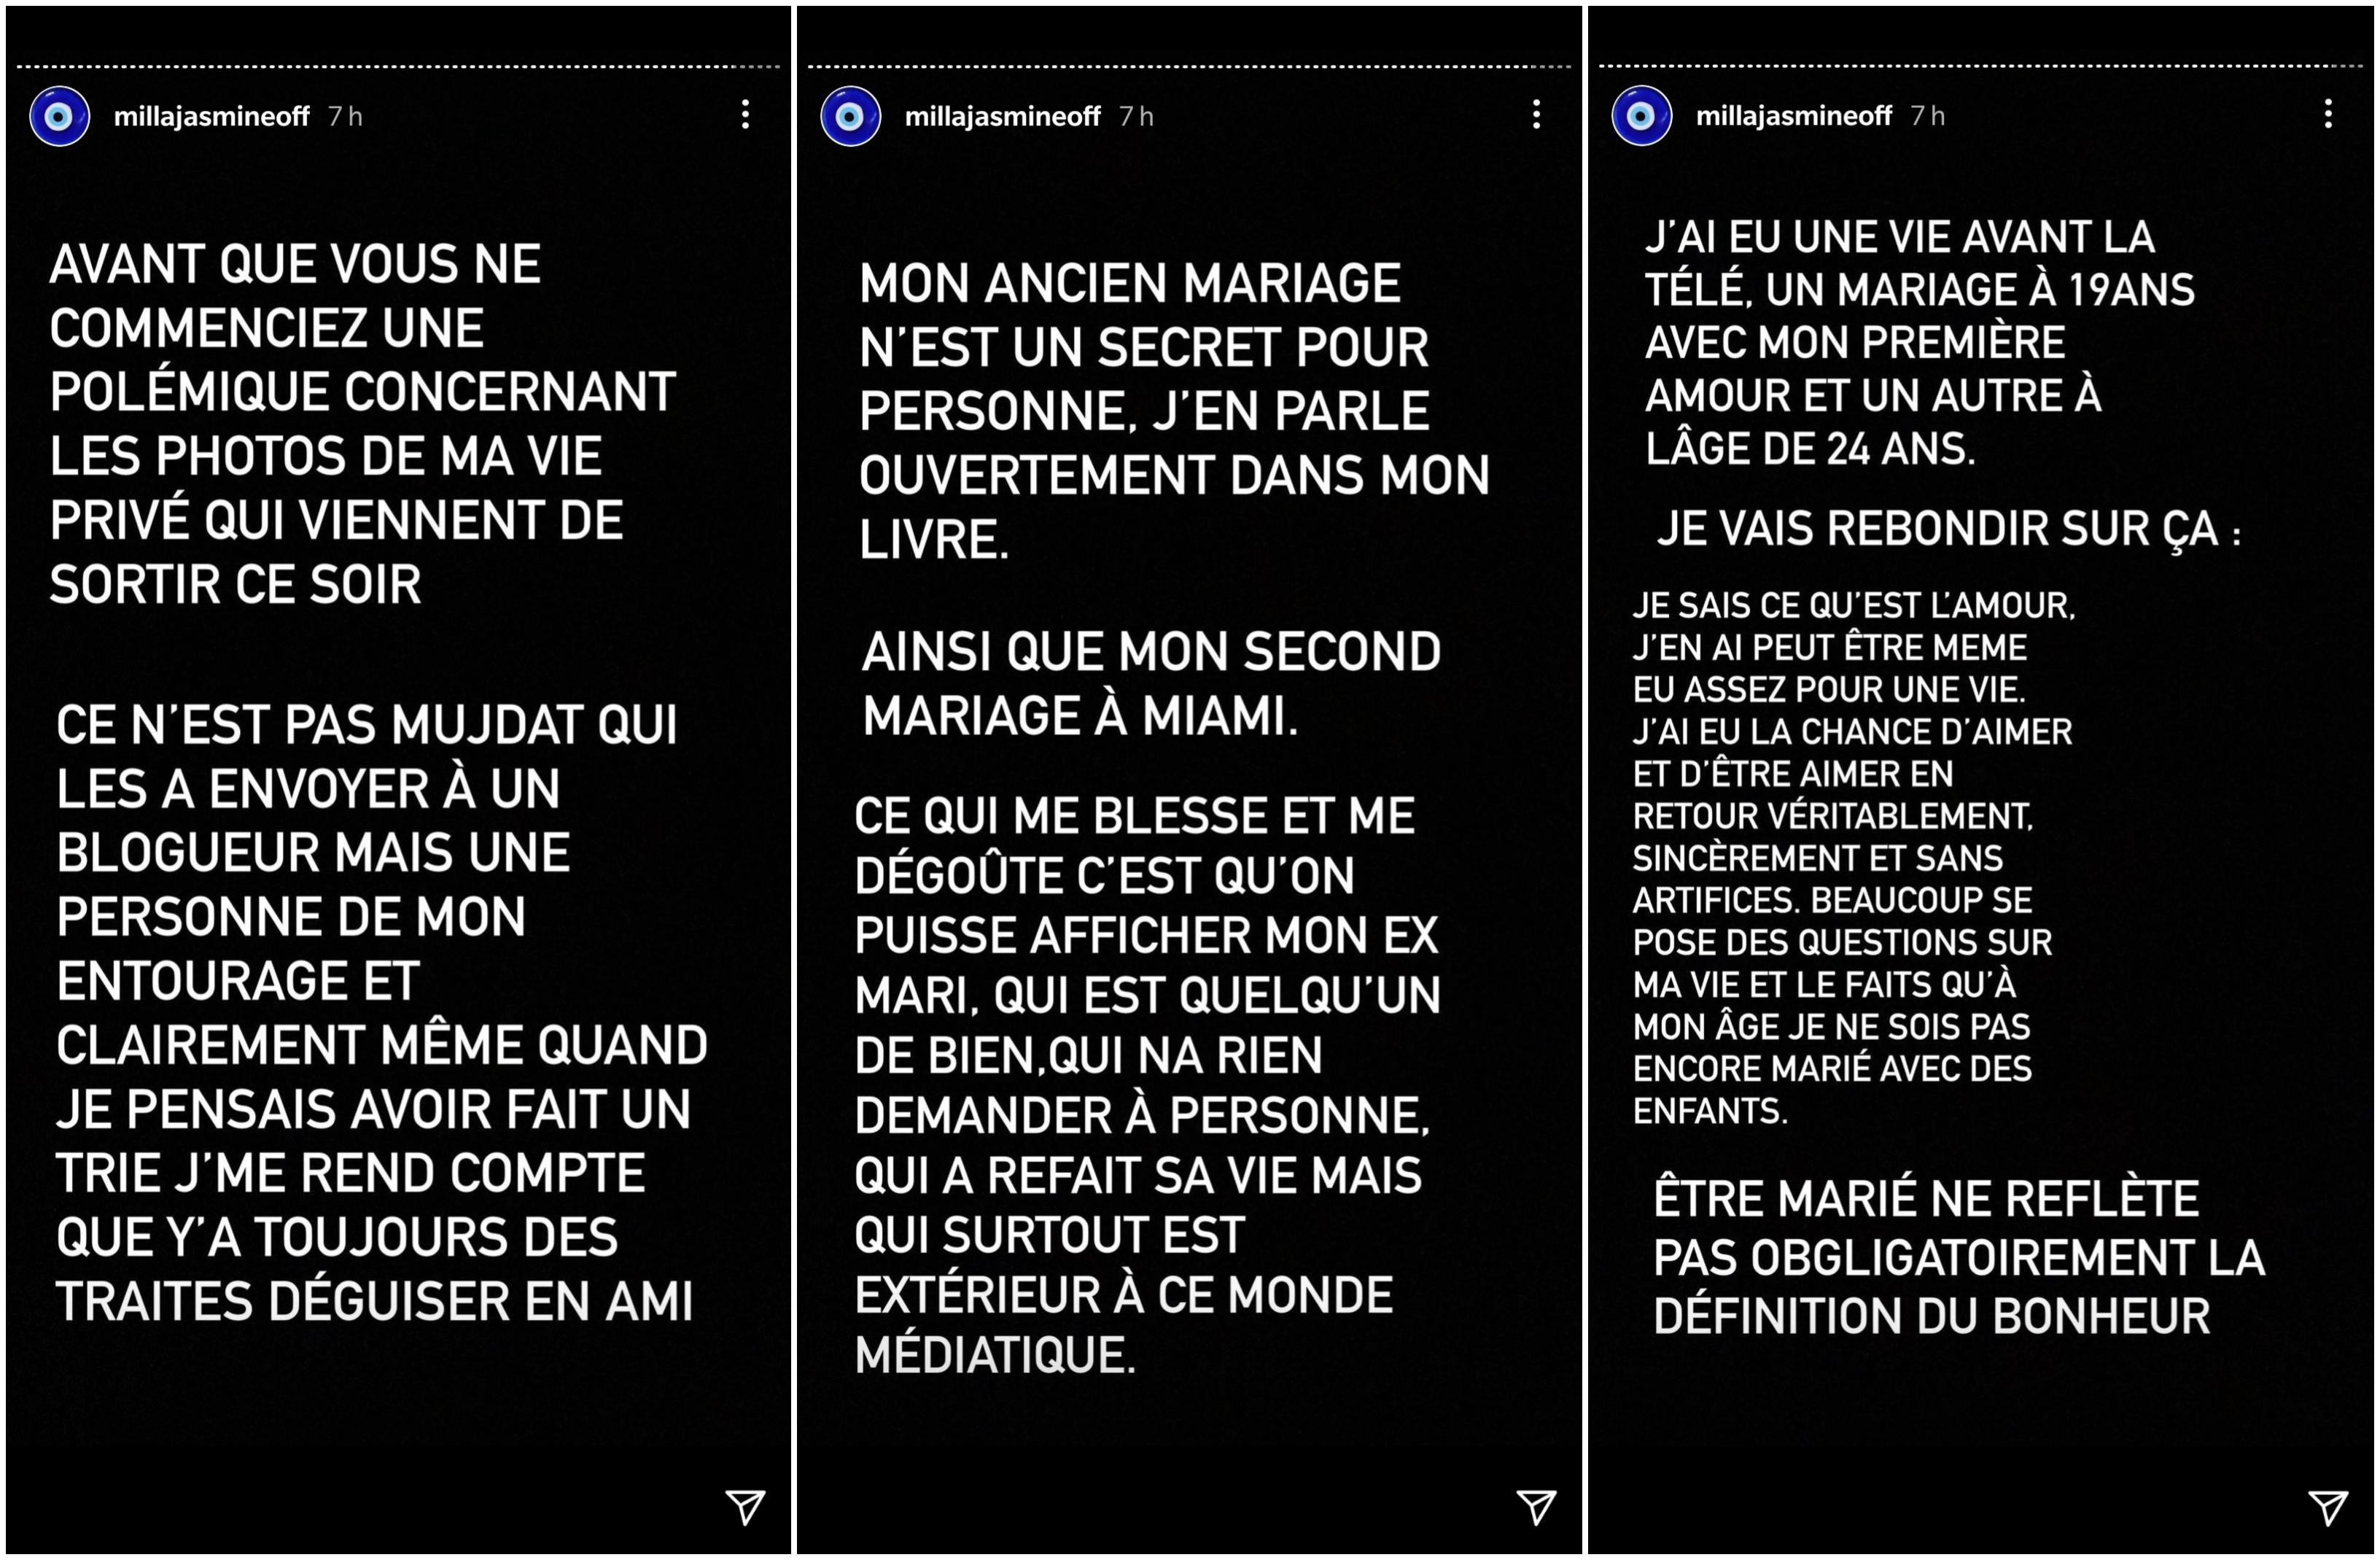 Milla Jasmine trahie par Mujdat ? Des photos de son premier mariage fuitent, elle prend la parole !